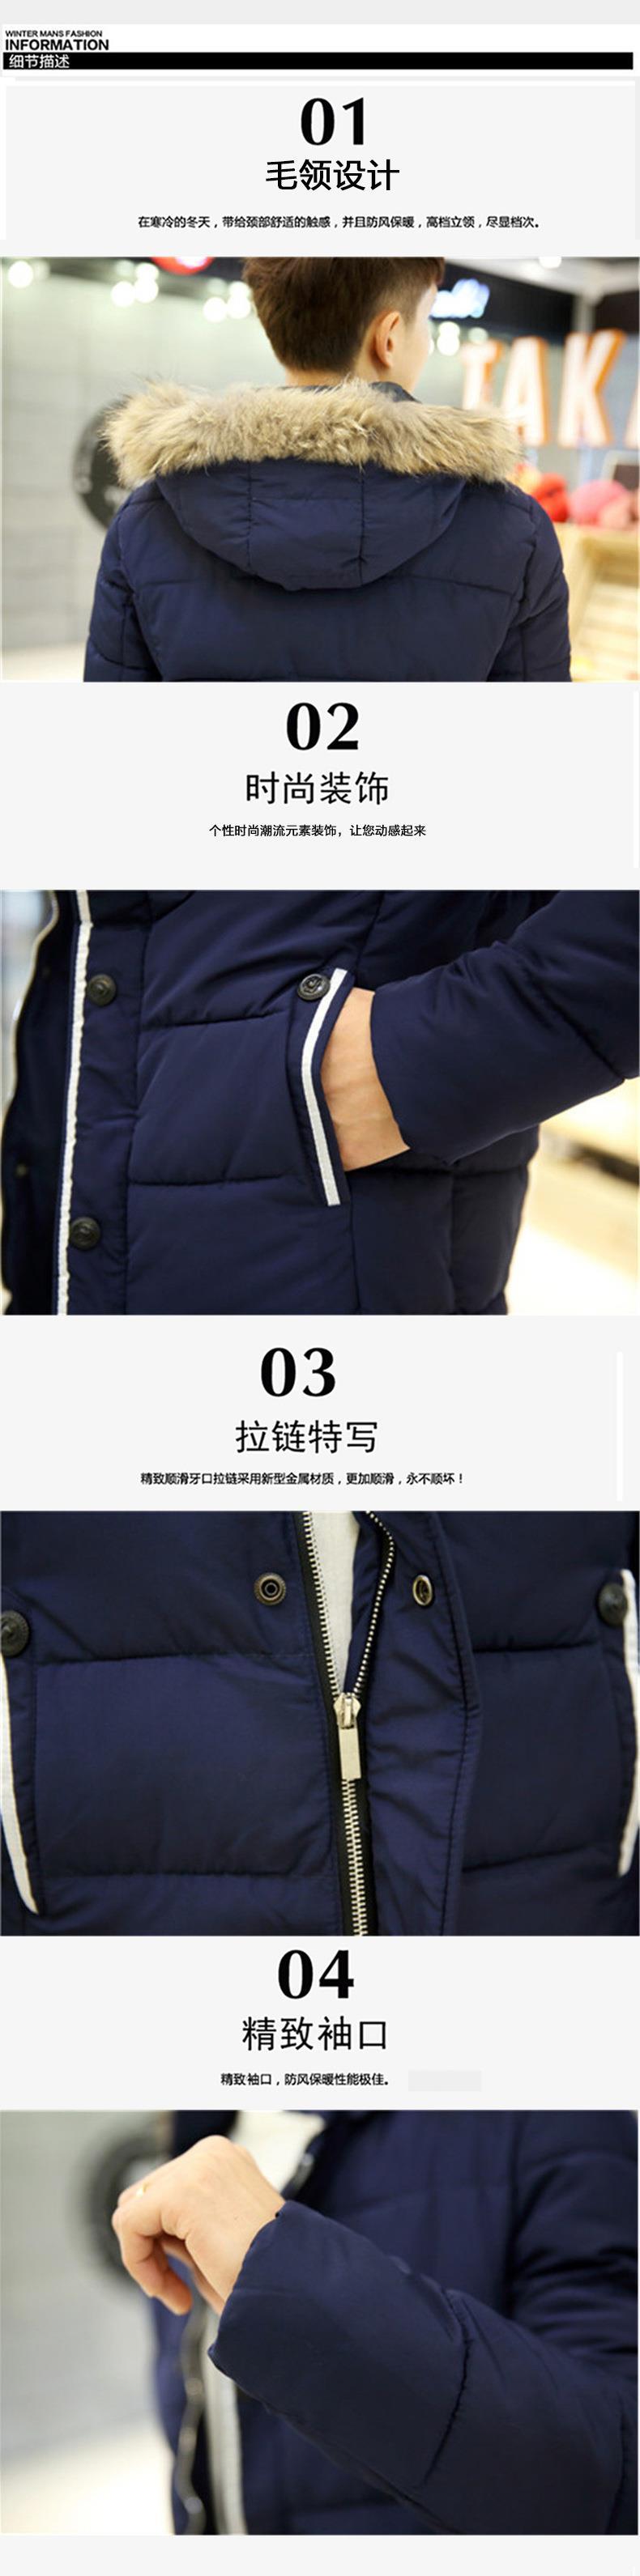 Скидки на Новый мужской хлопок с капюшоном длинный отрезок Надьямарош воротник мужчины и пиджаки Ветровка Мужчины парки Ветрозащитный теплые Куртки И Пальто куртка